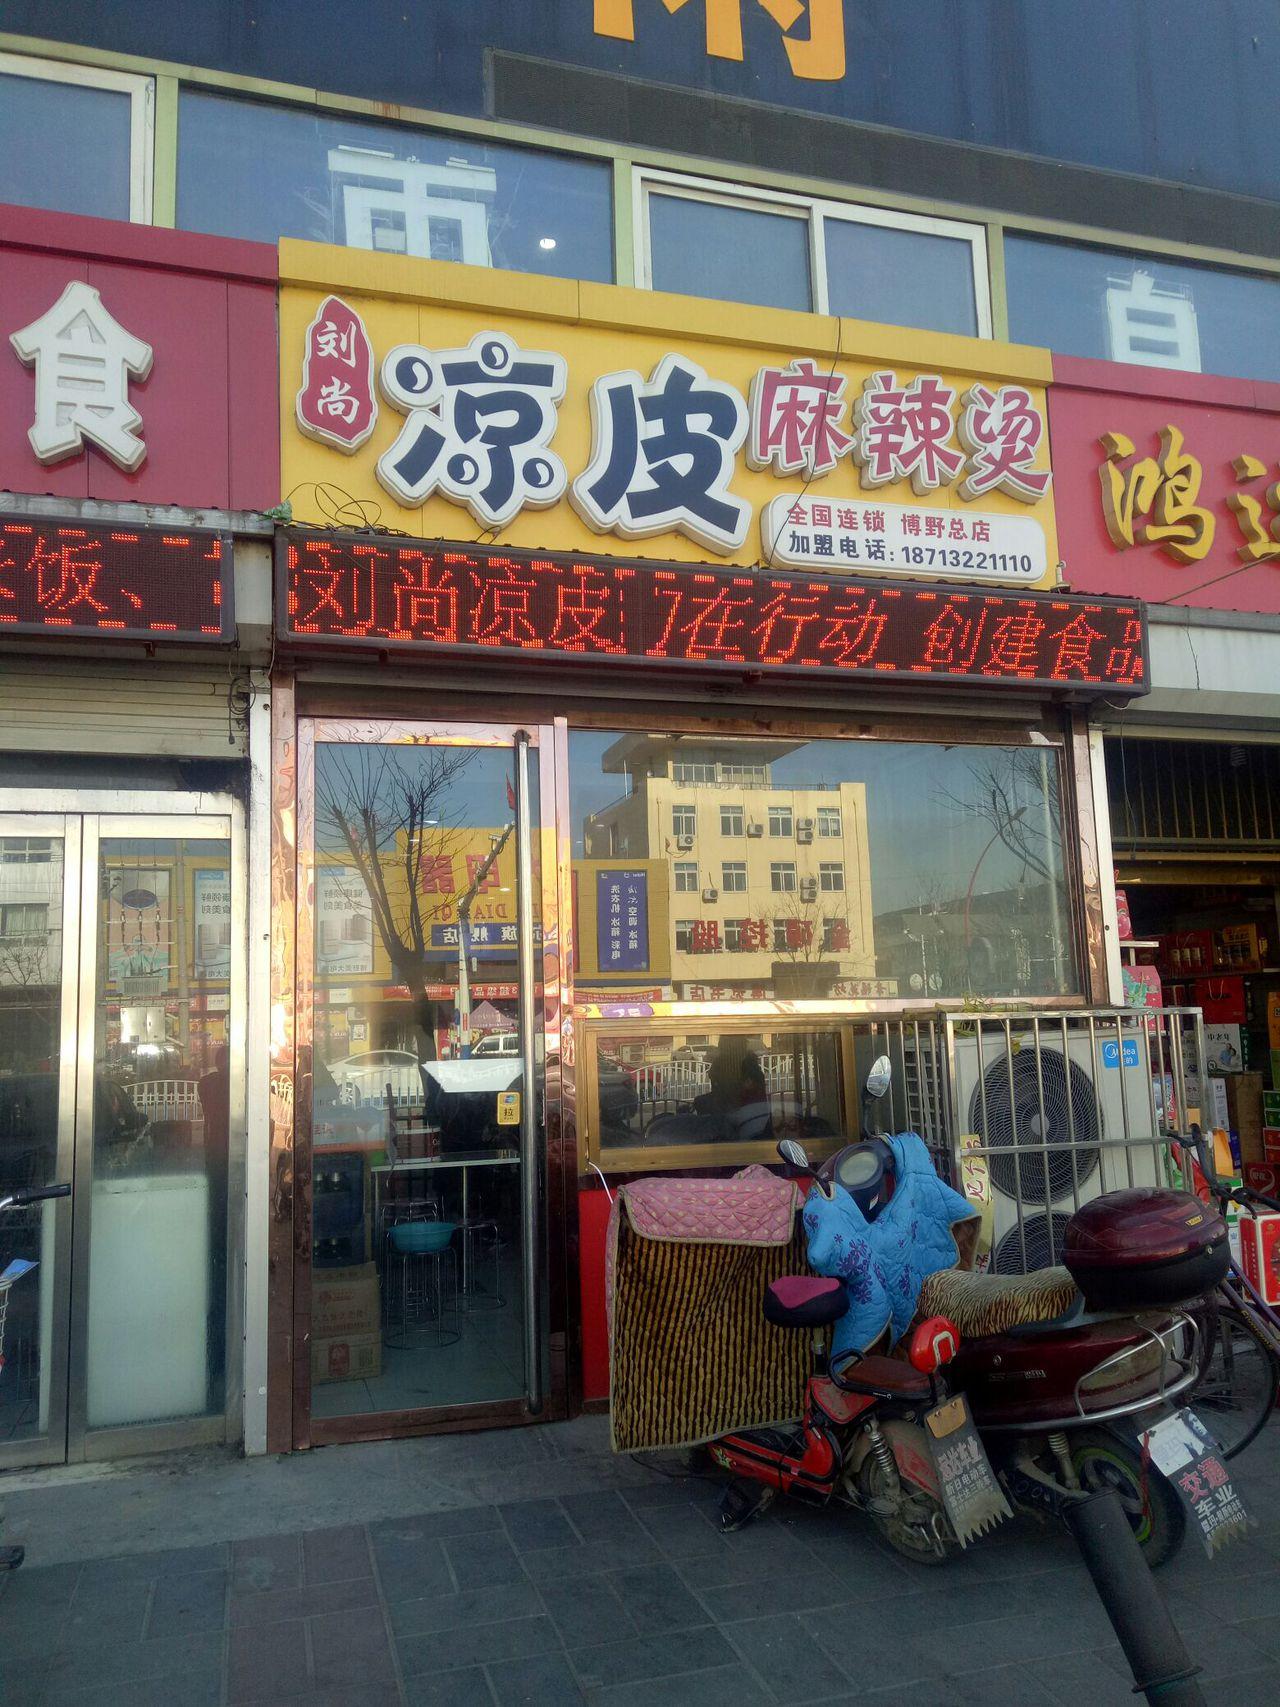 上海中建万怡酒店